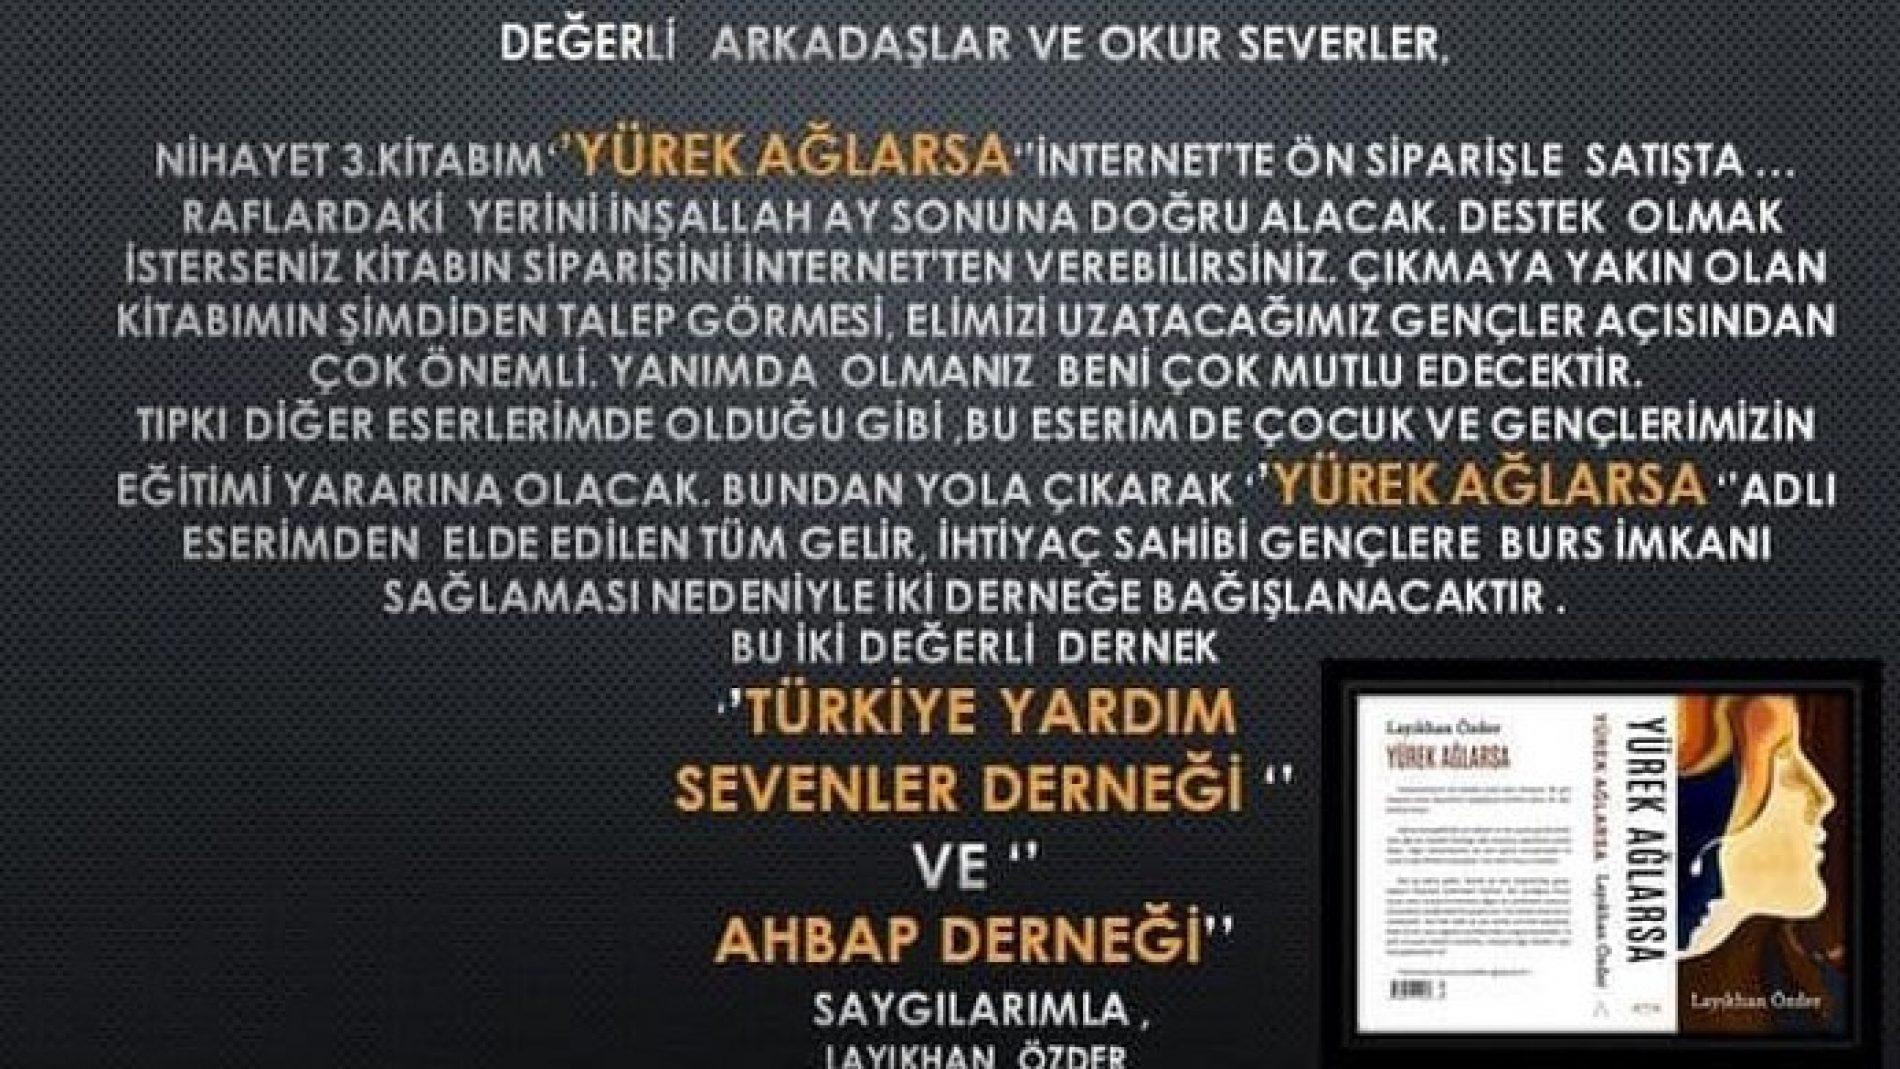 TYSD Genel Merkezi Üyelerinden Sayın Layıkhan Özder Hanımın Atatürk Eğitim Burslu Öğrencilerimize Anlamlı Bağışı